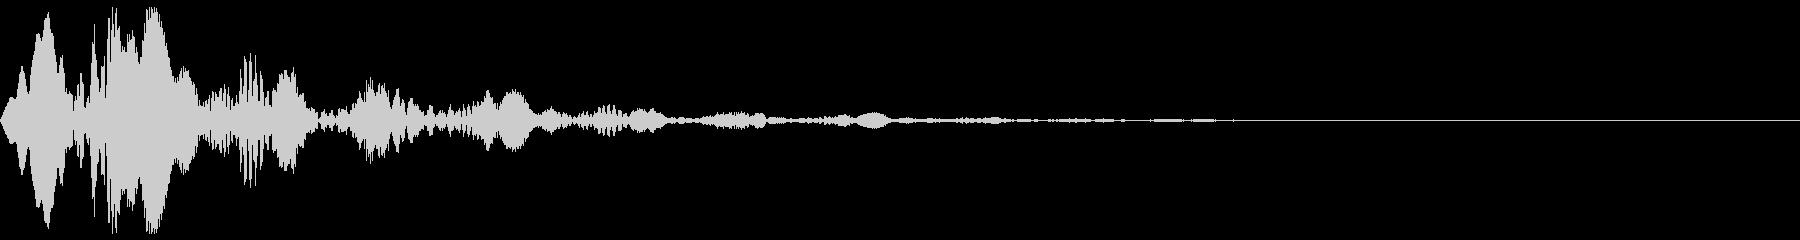 ポヨン♪ 柔らかさや弾力をイメージした音の未再生の波形